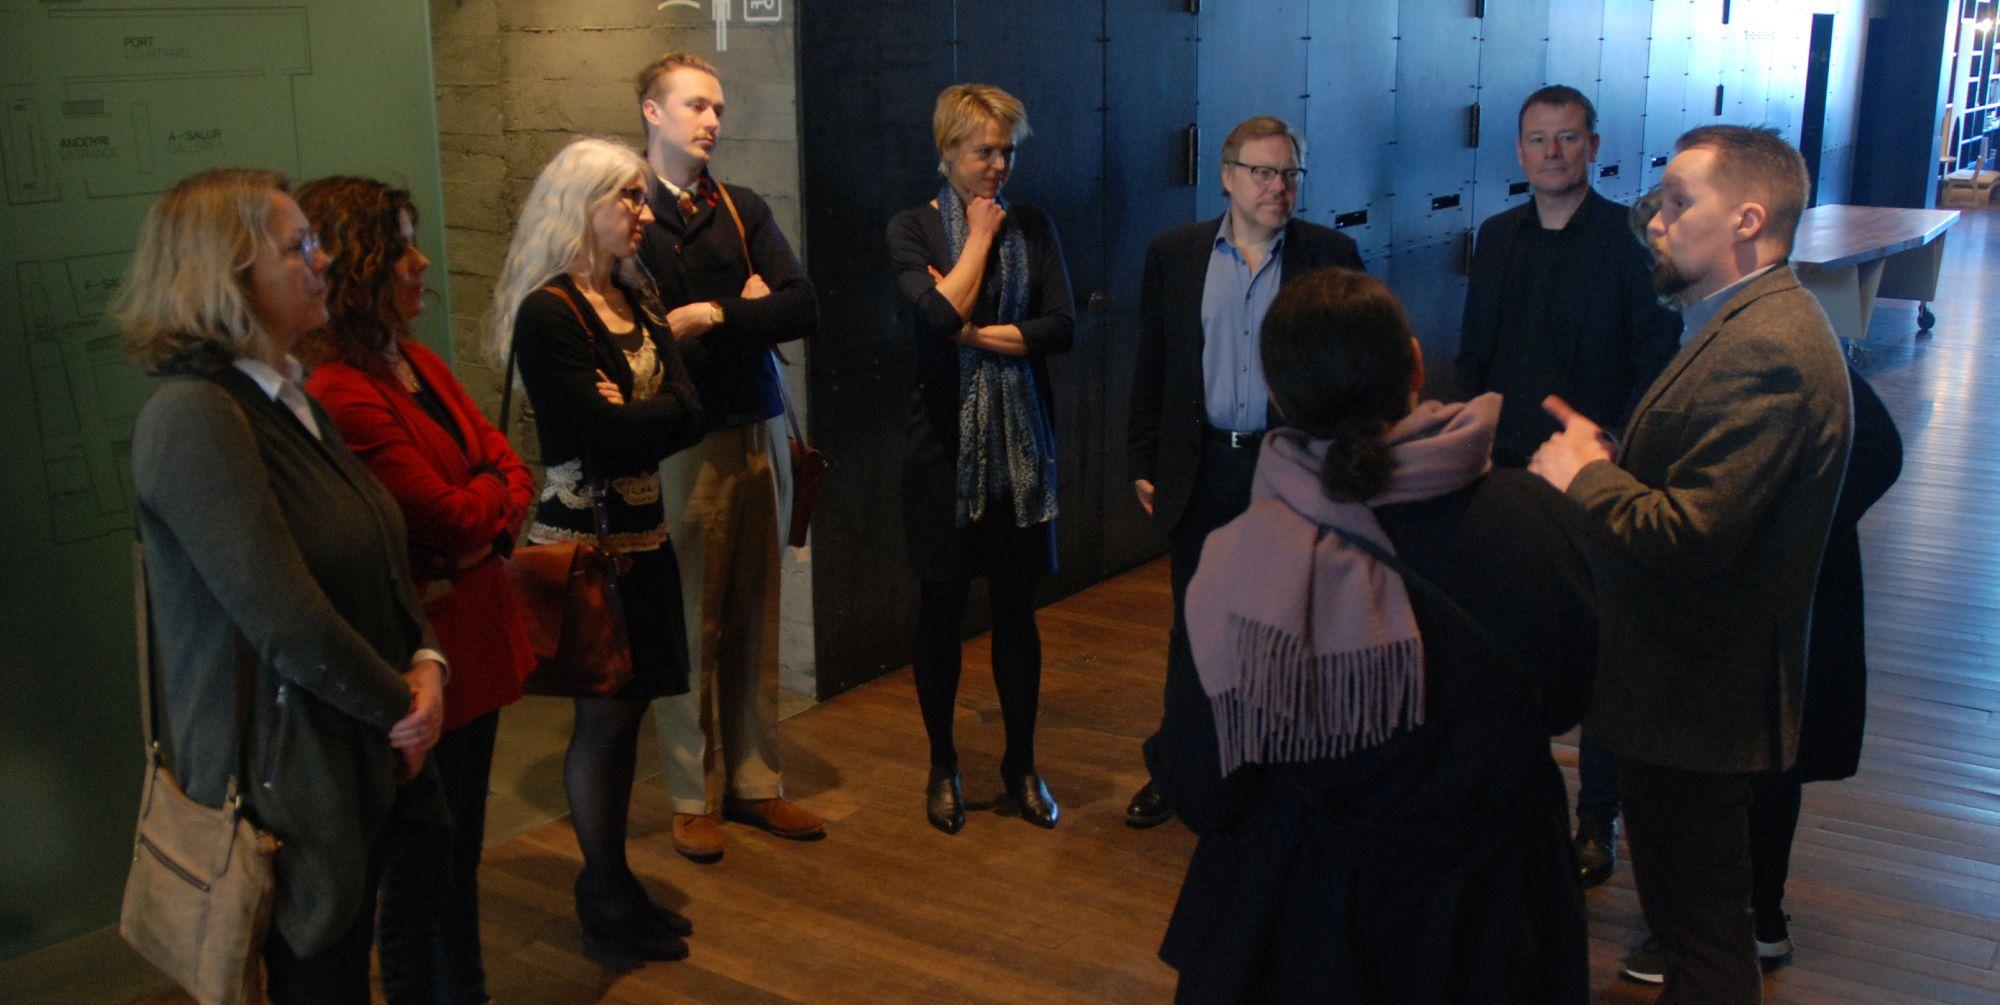 ICOM Nord edustajia Reykjavikin taidemuseossa kokousten välillä. Kuva: Eero Ehanti